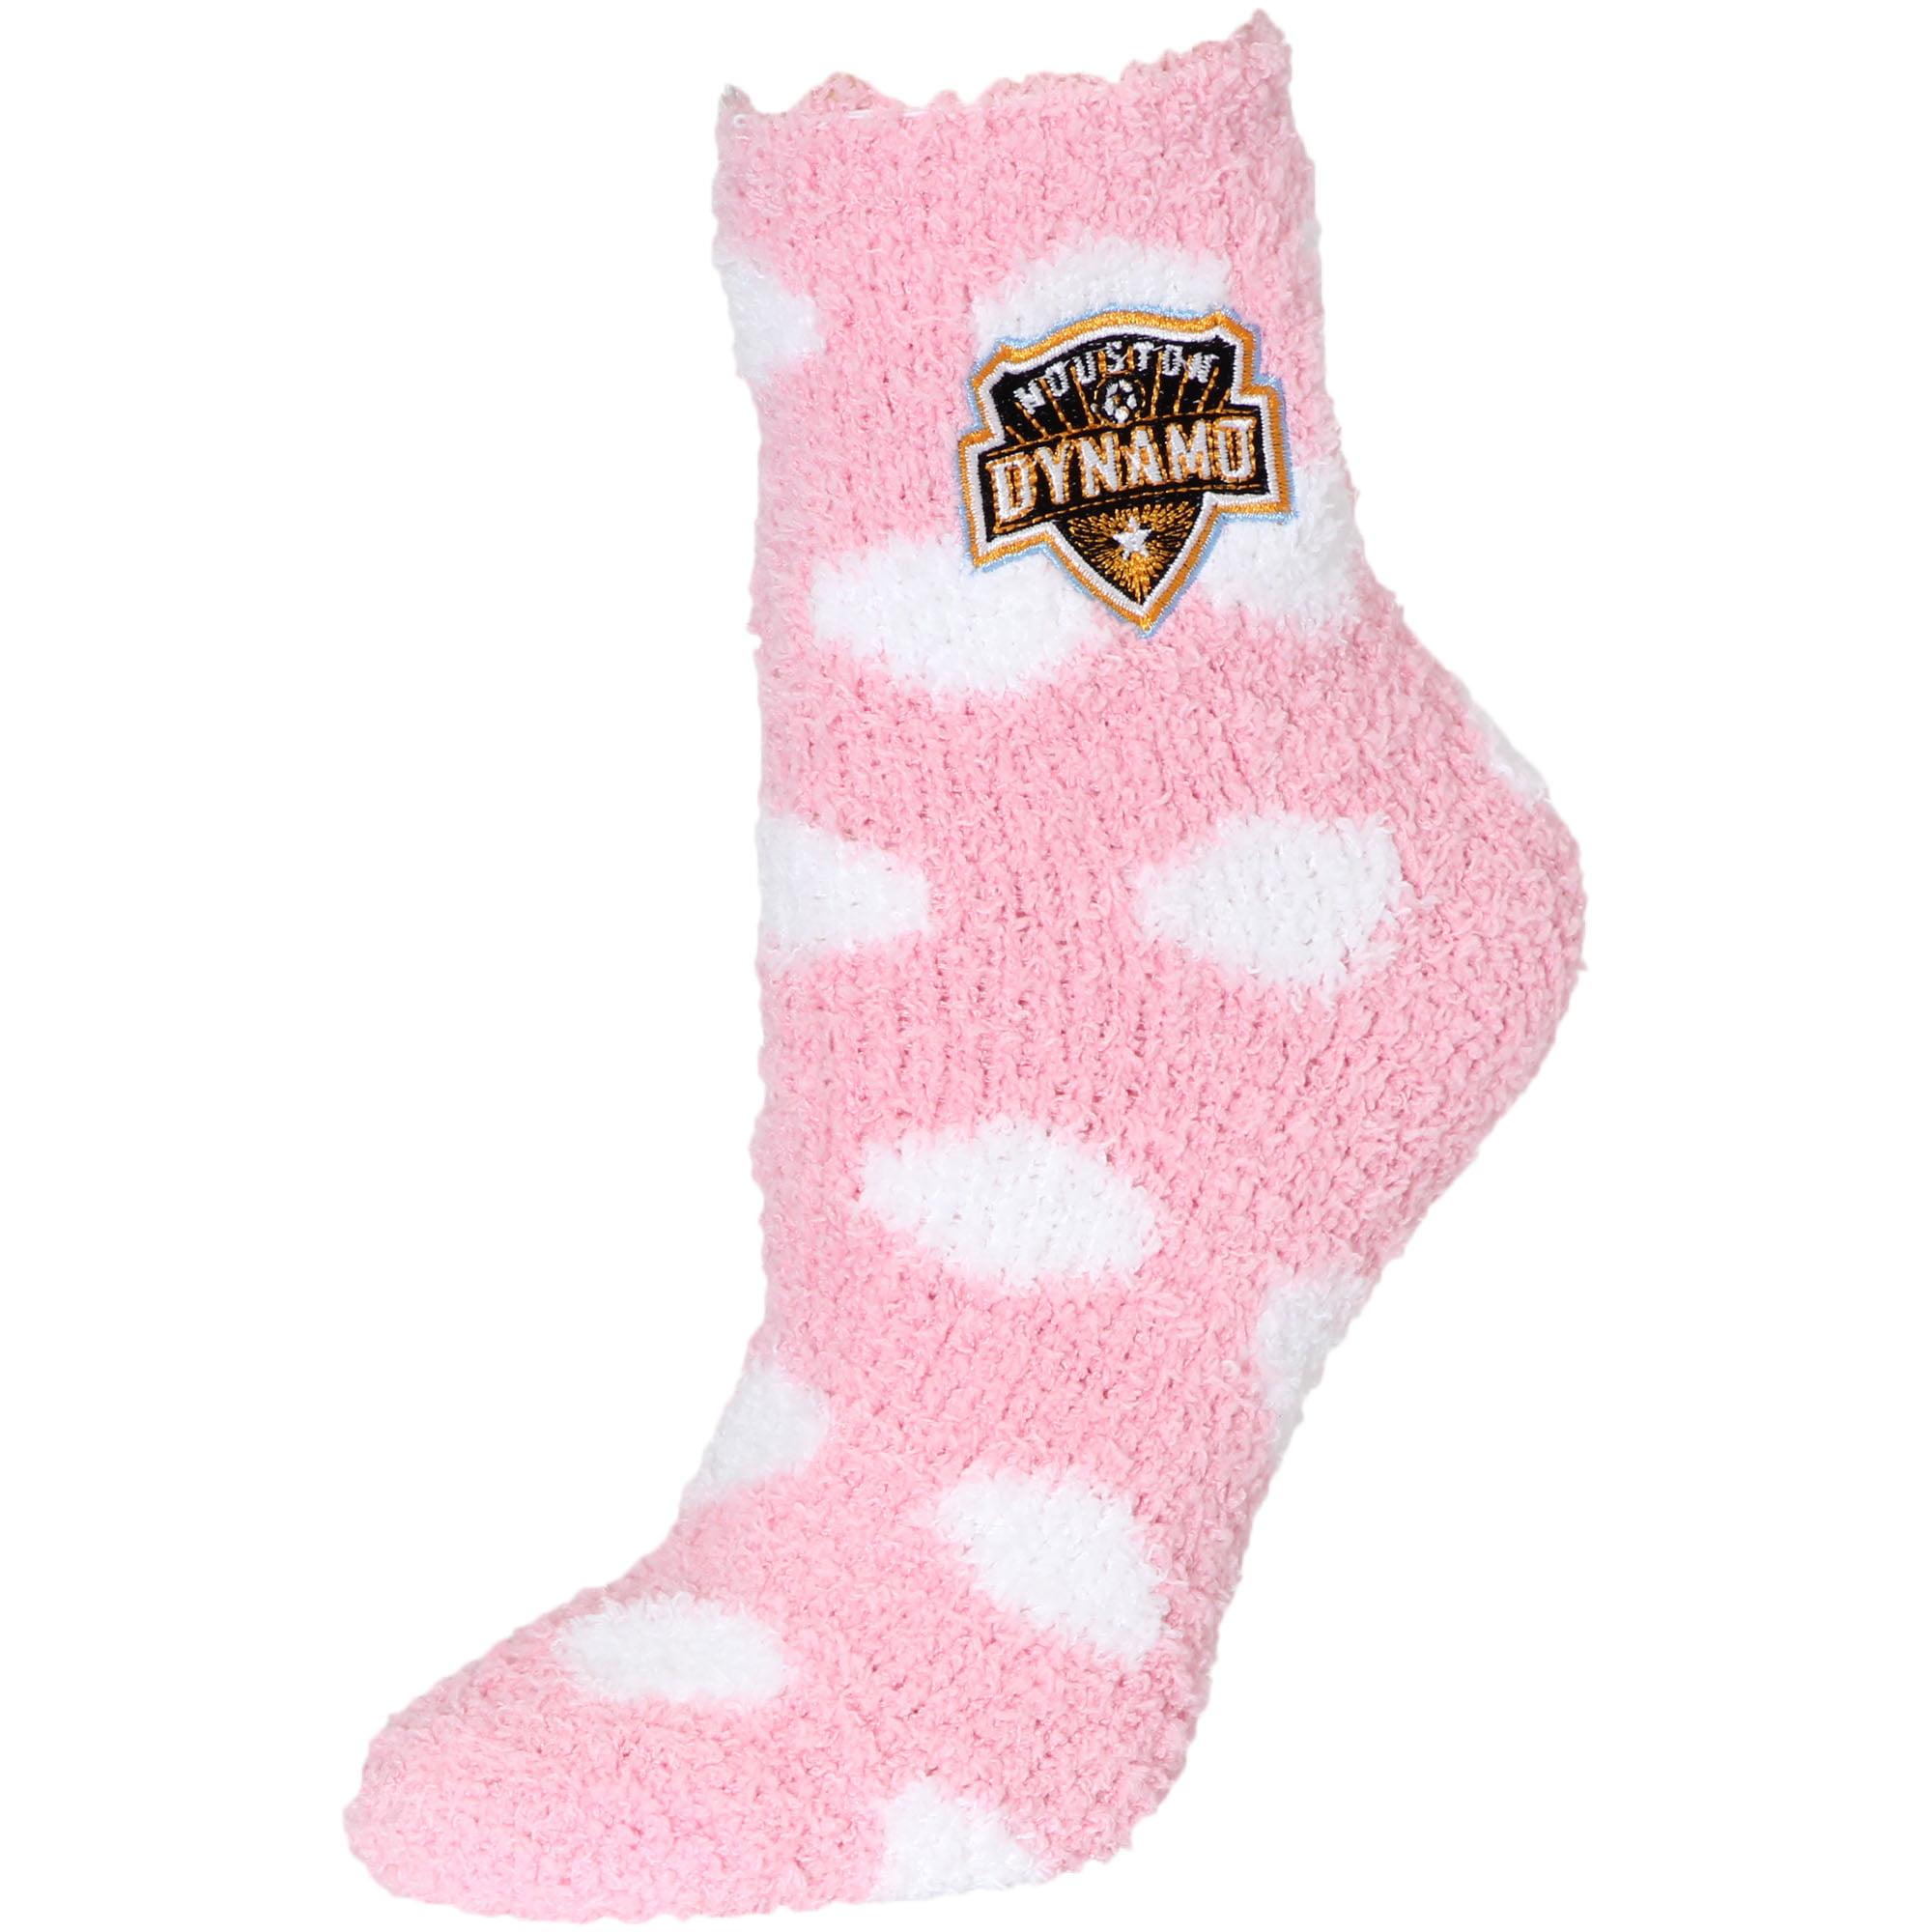 Houston Dynamo ZooZatz Women's Fuzzy Socks - No Size